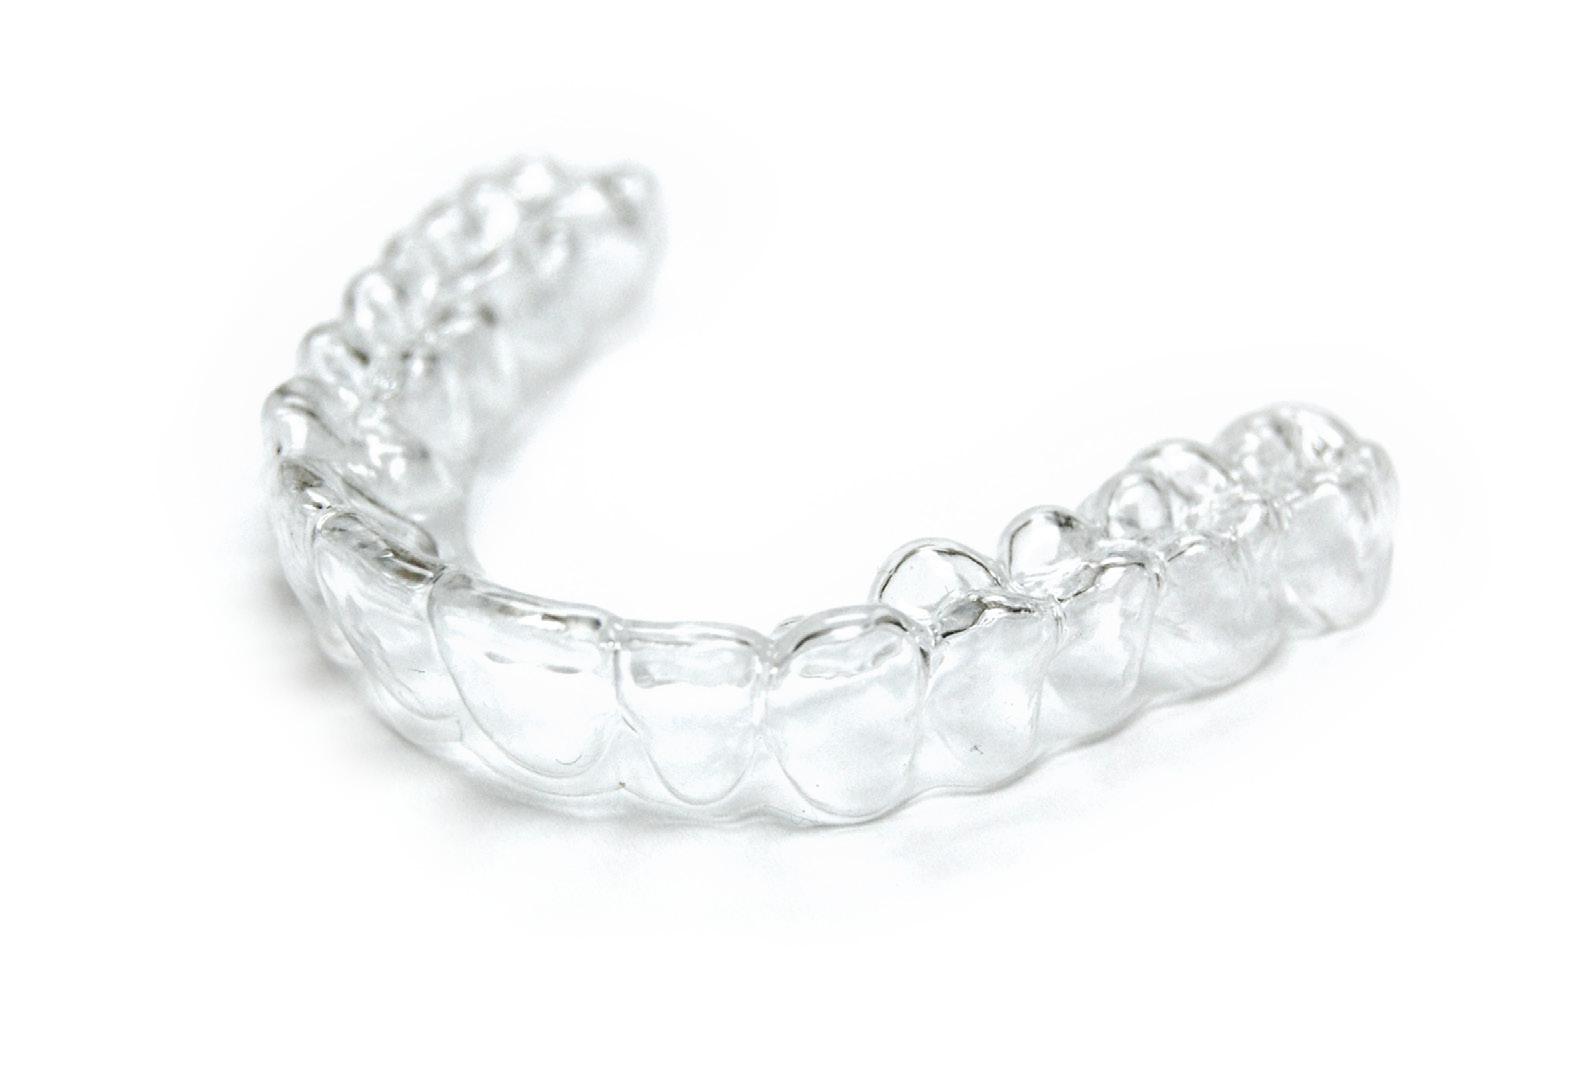 Retenedores de ortodoncia, ¿son necesarios?